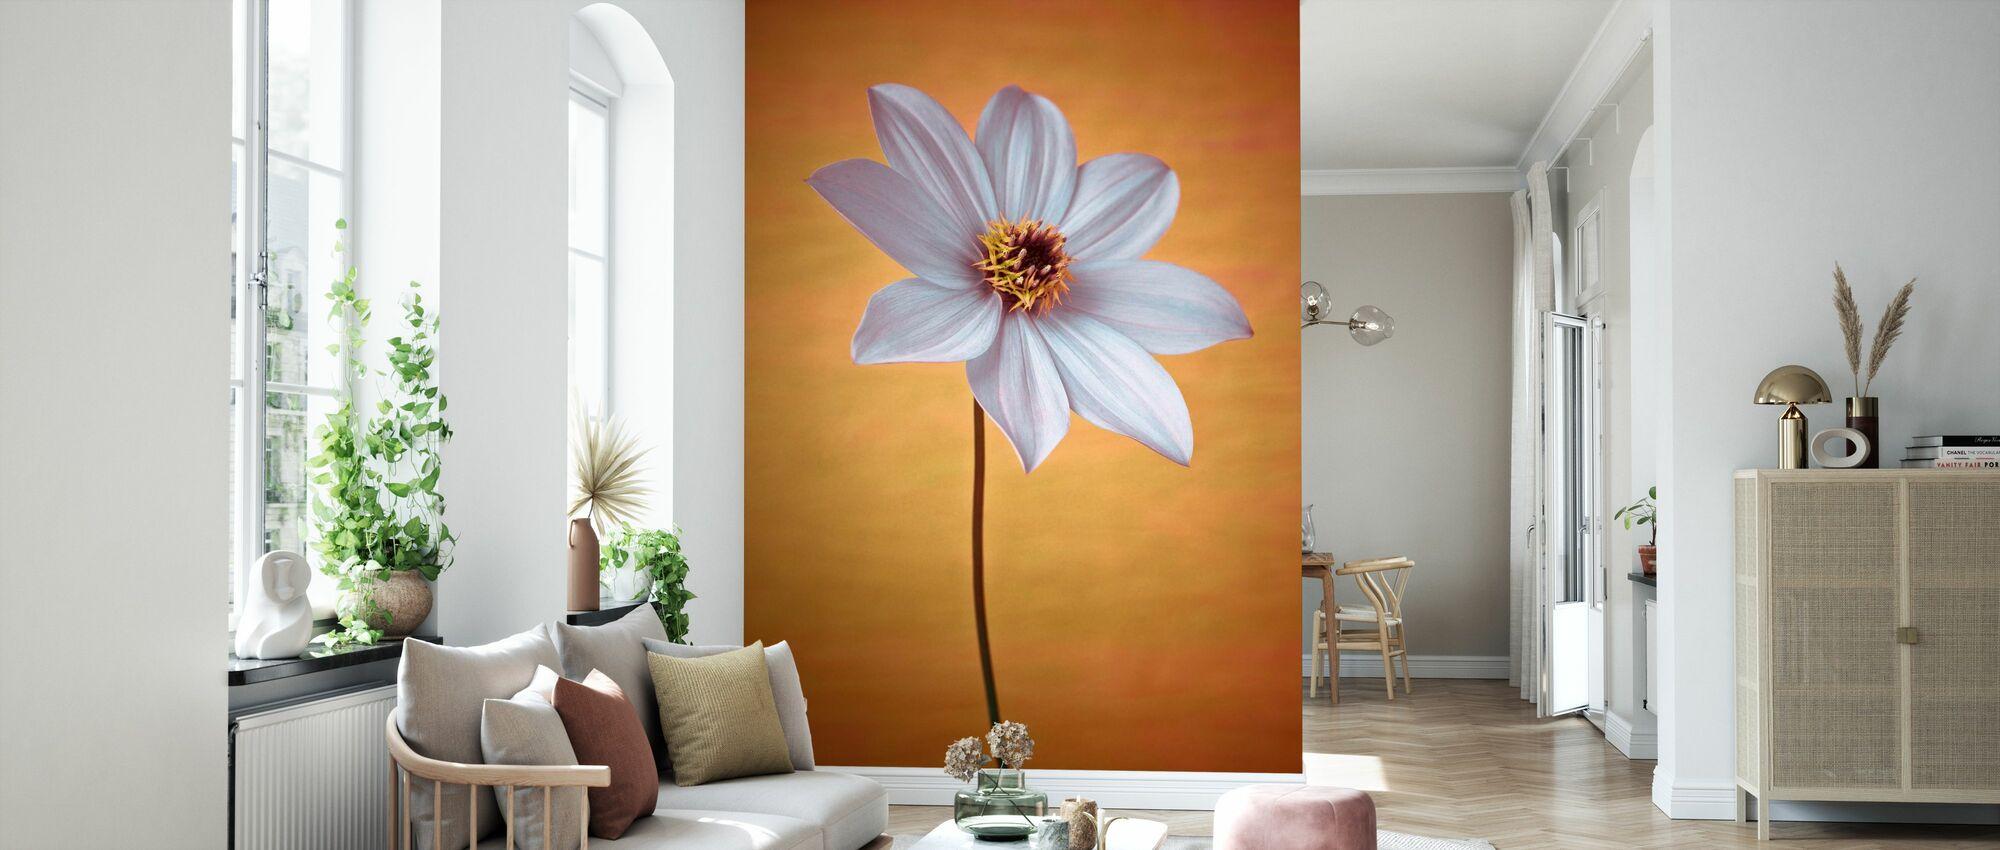 Dahlia Flower - Wallpaper - Living Room